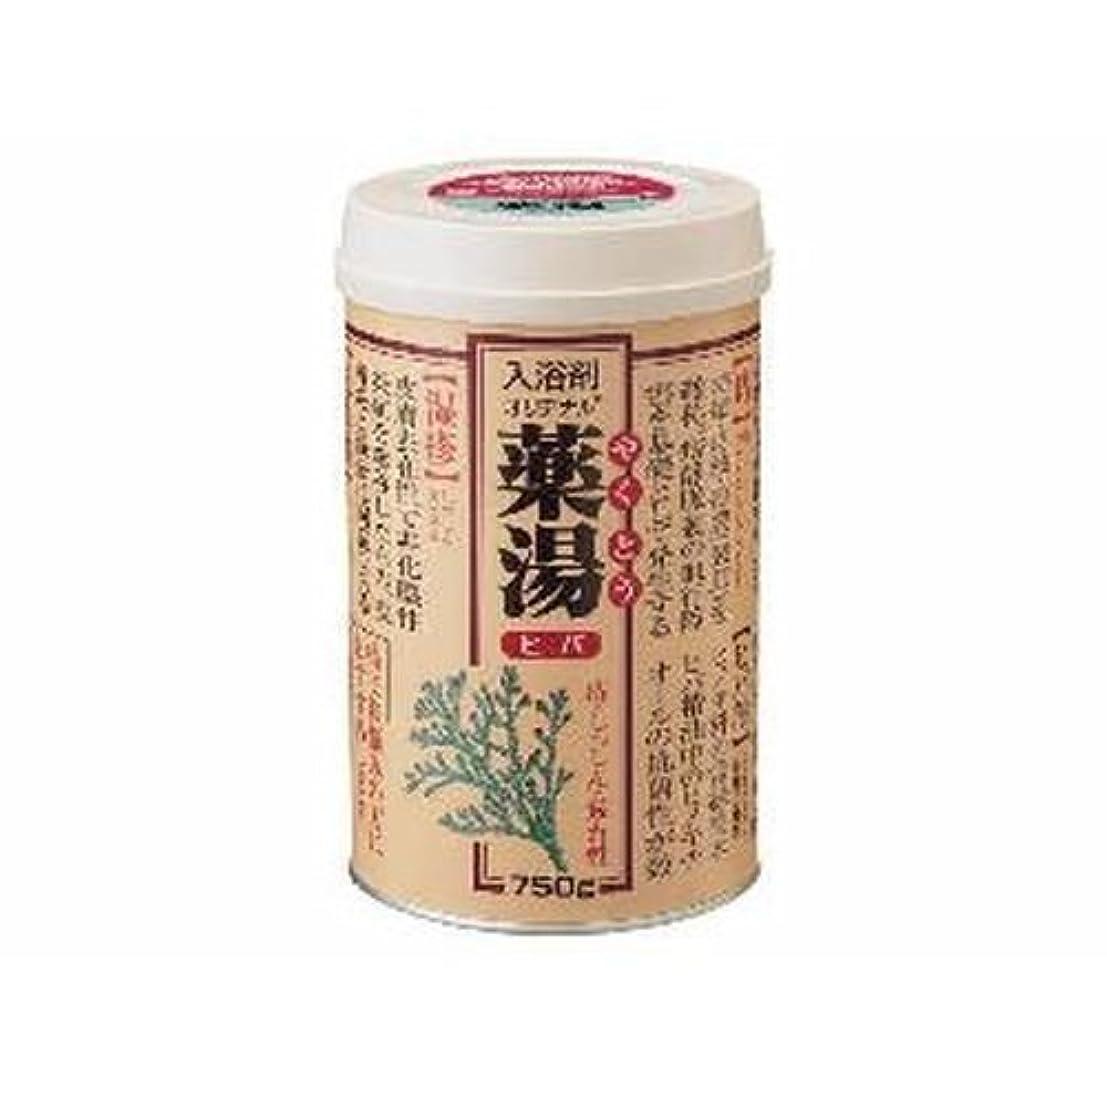 形エゴイズム労働【まとめ買い】NEWオリヂナル薬湯 ヒバ 750g ×2セット